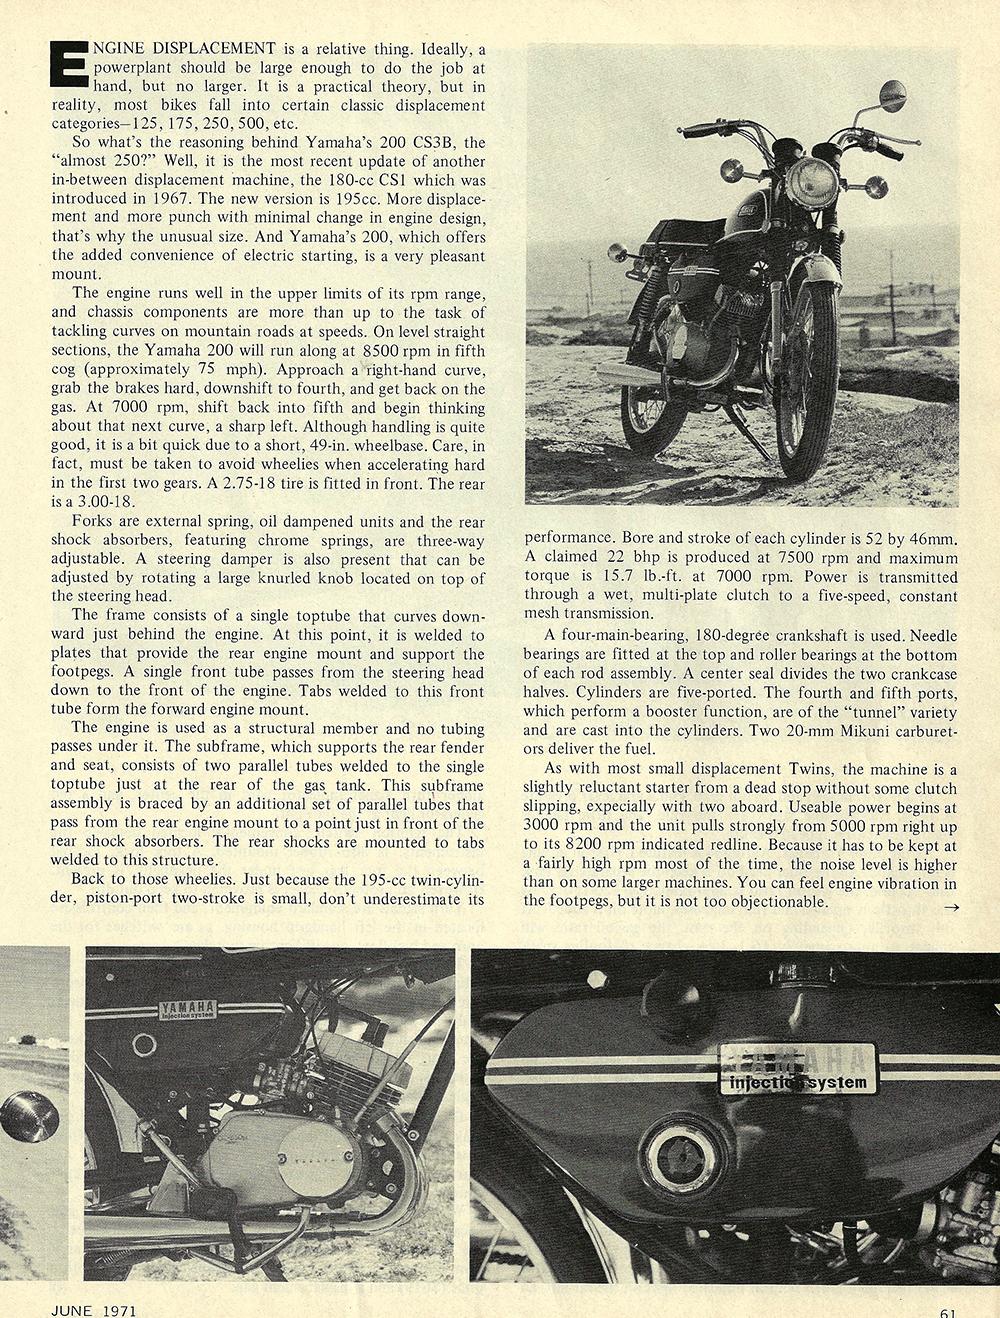 1971 Yamaha 200 CS3B road test 02.jpg